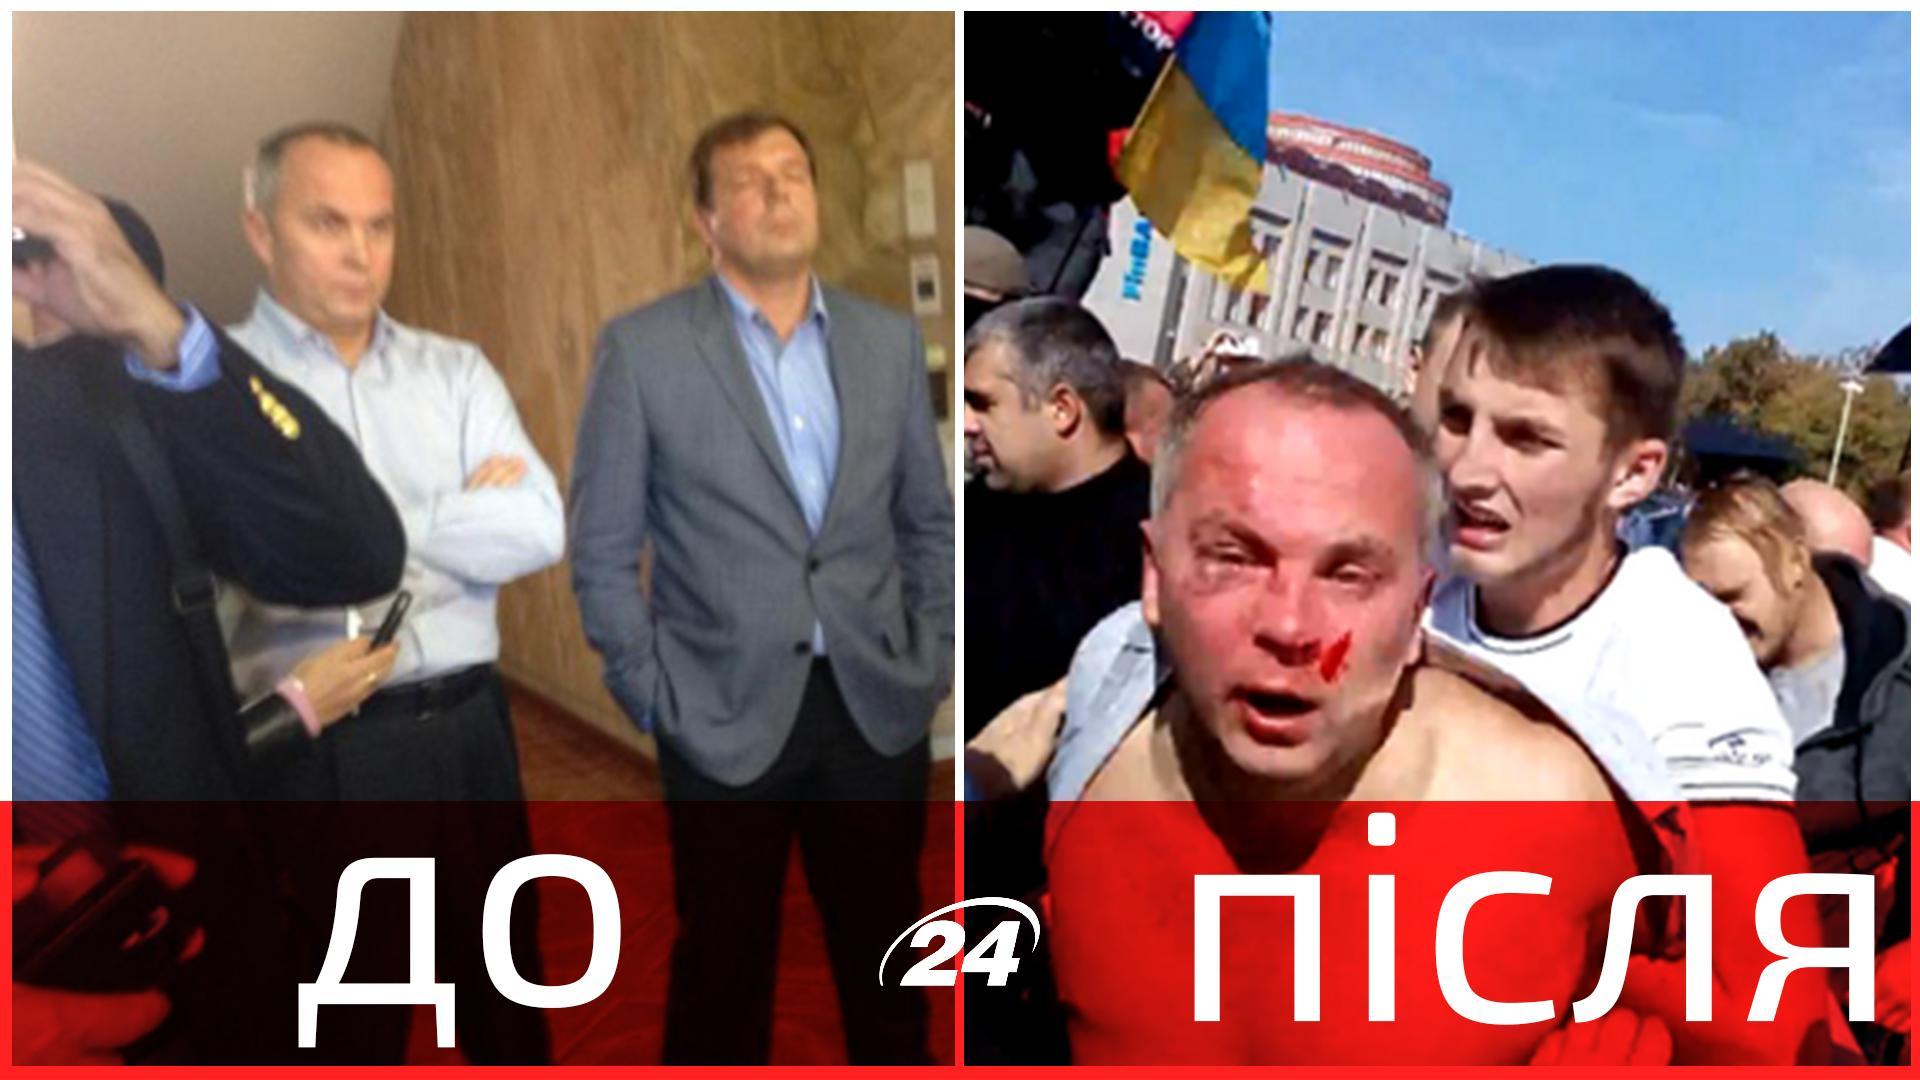 Идентифицированы 14 человек, причастных к избиению Шуфрича. Их разыскивают, - МВД - Цензор.НЕТ 1002